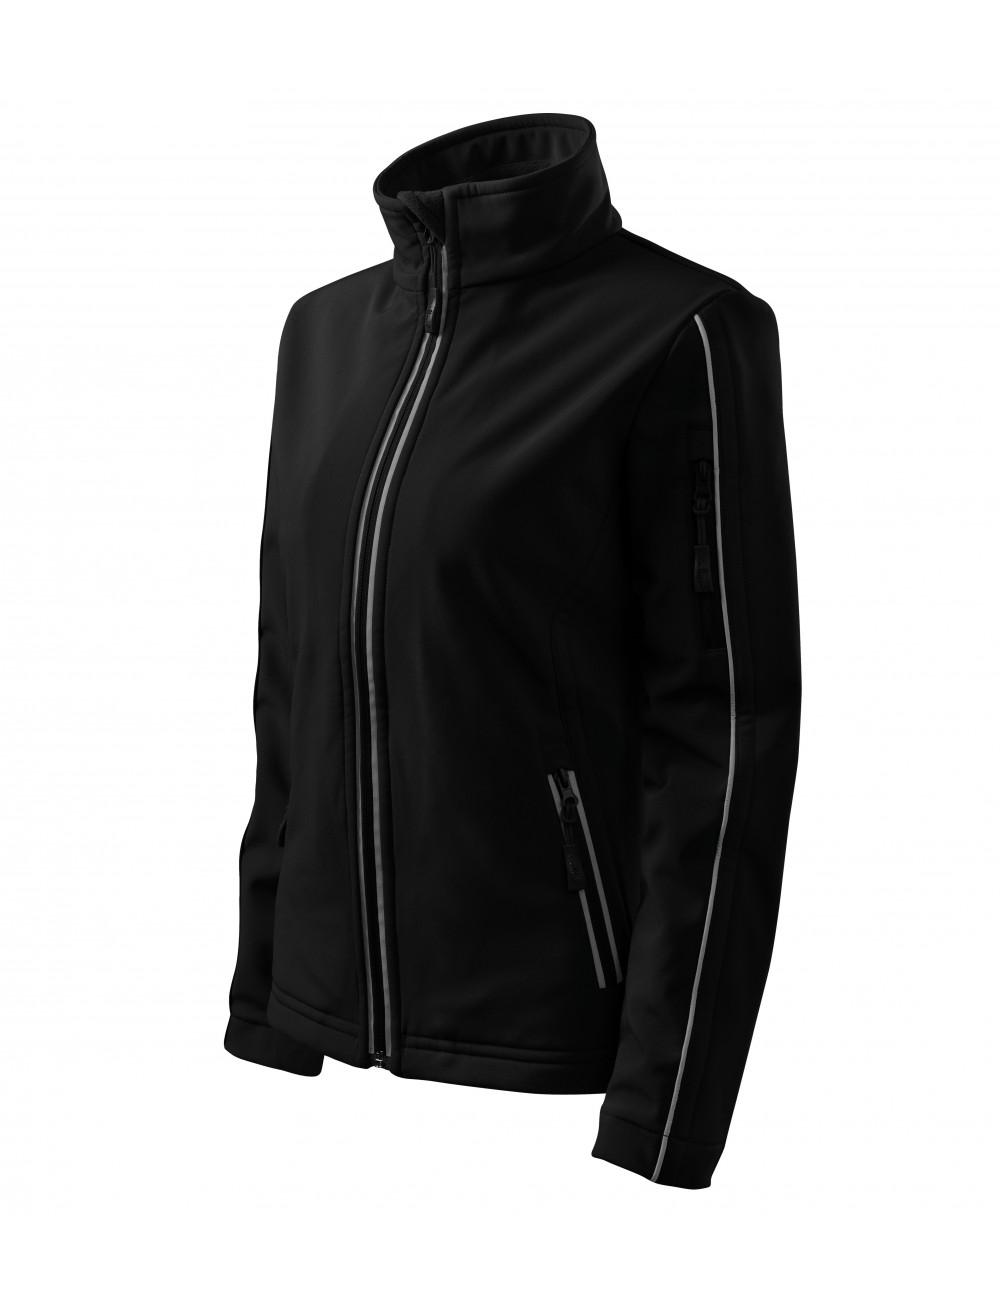 Adler MALFINI Kurtka damska Softshell Jacket 510 czarny